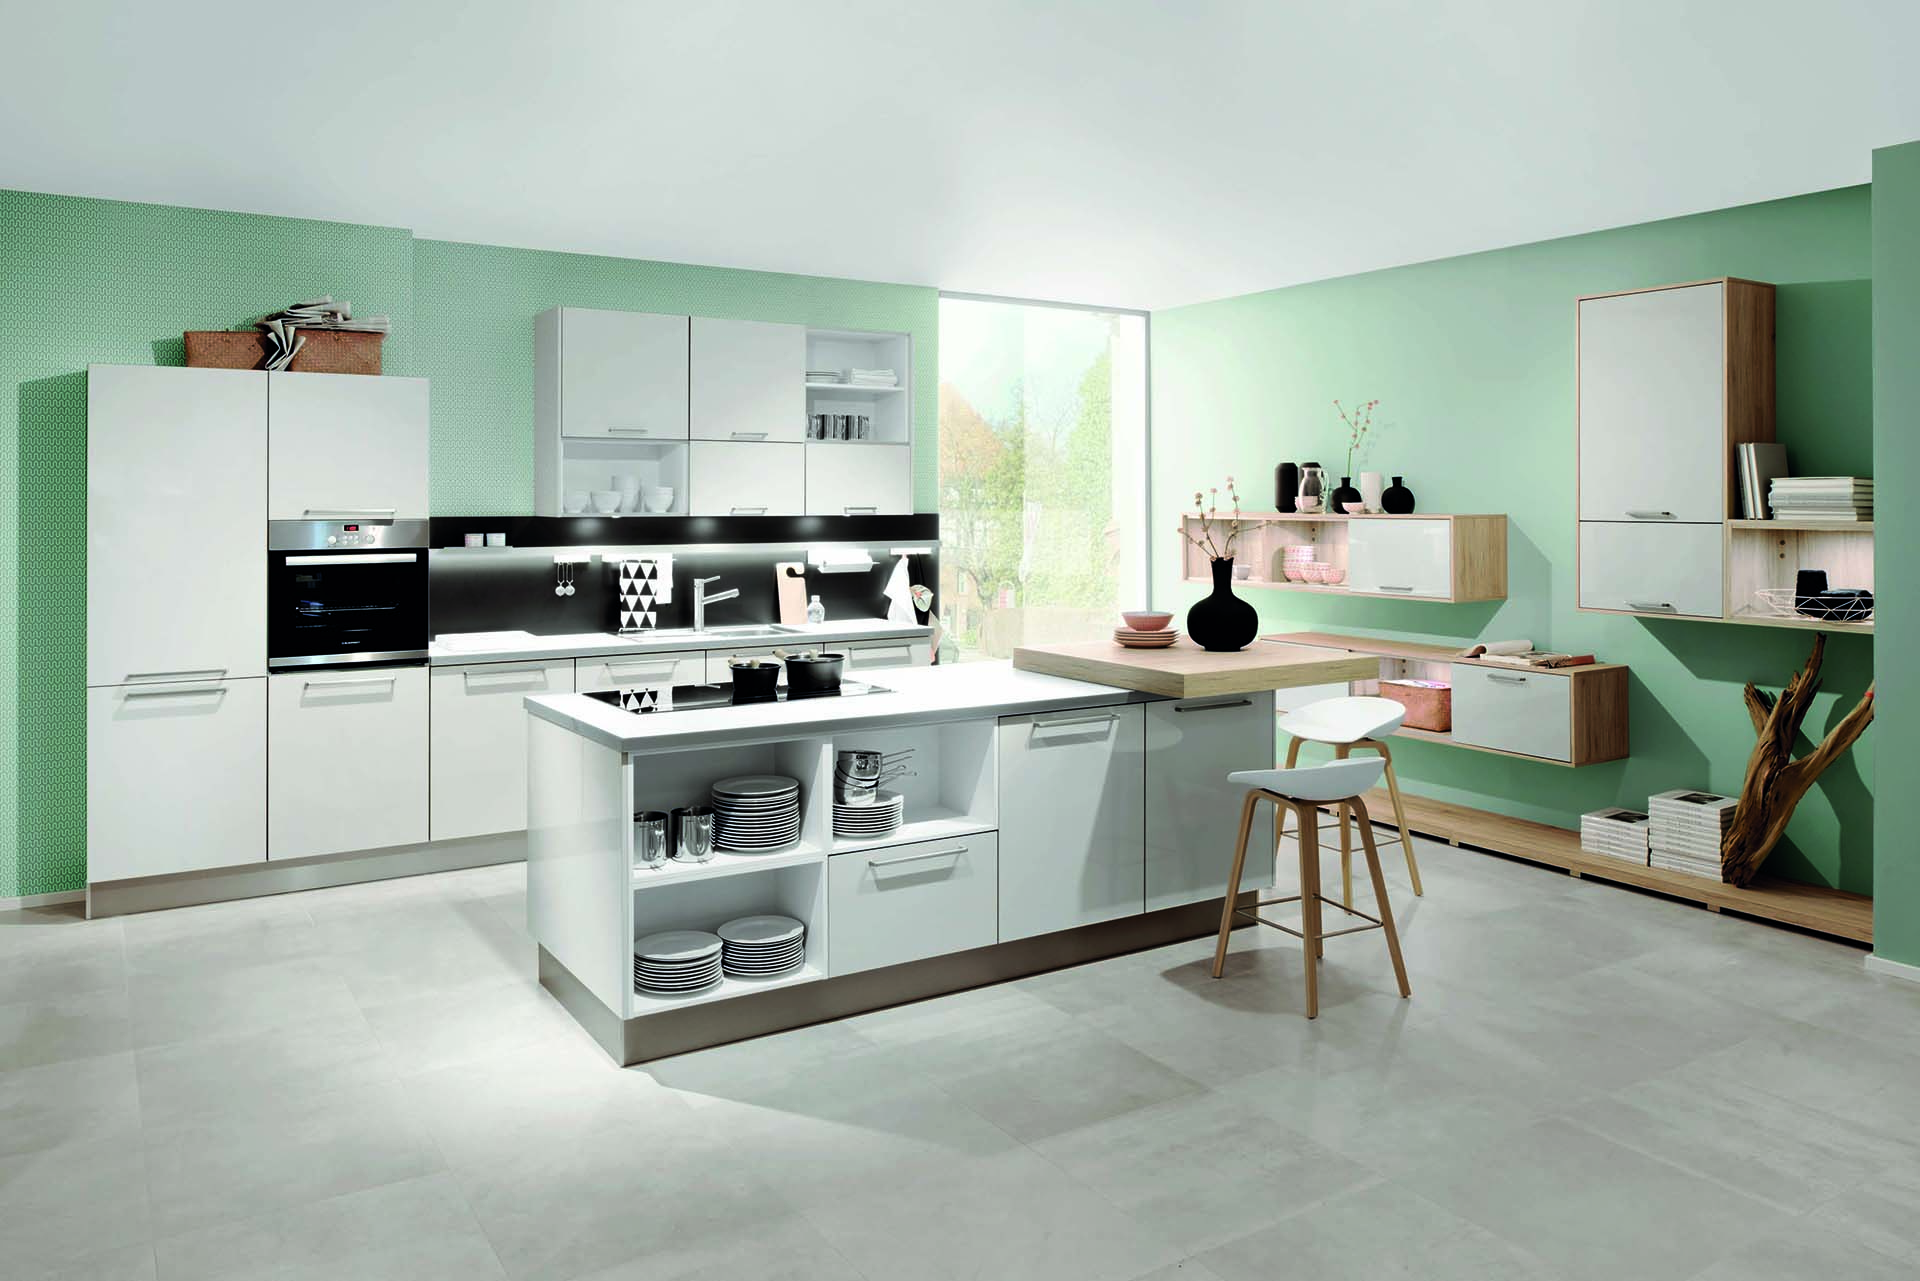 Atemberaubend Traum Küchen Inc Nh Galerie - Küchen Ideen Modern ...